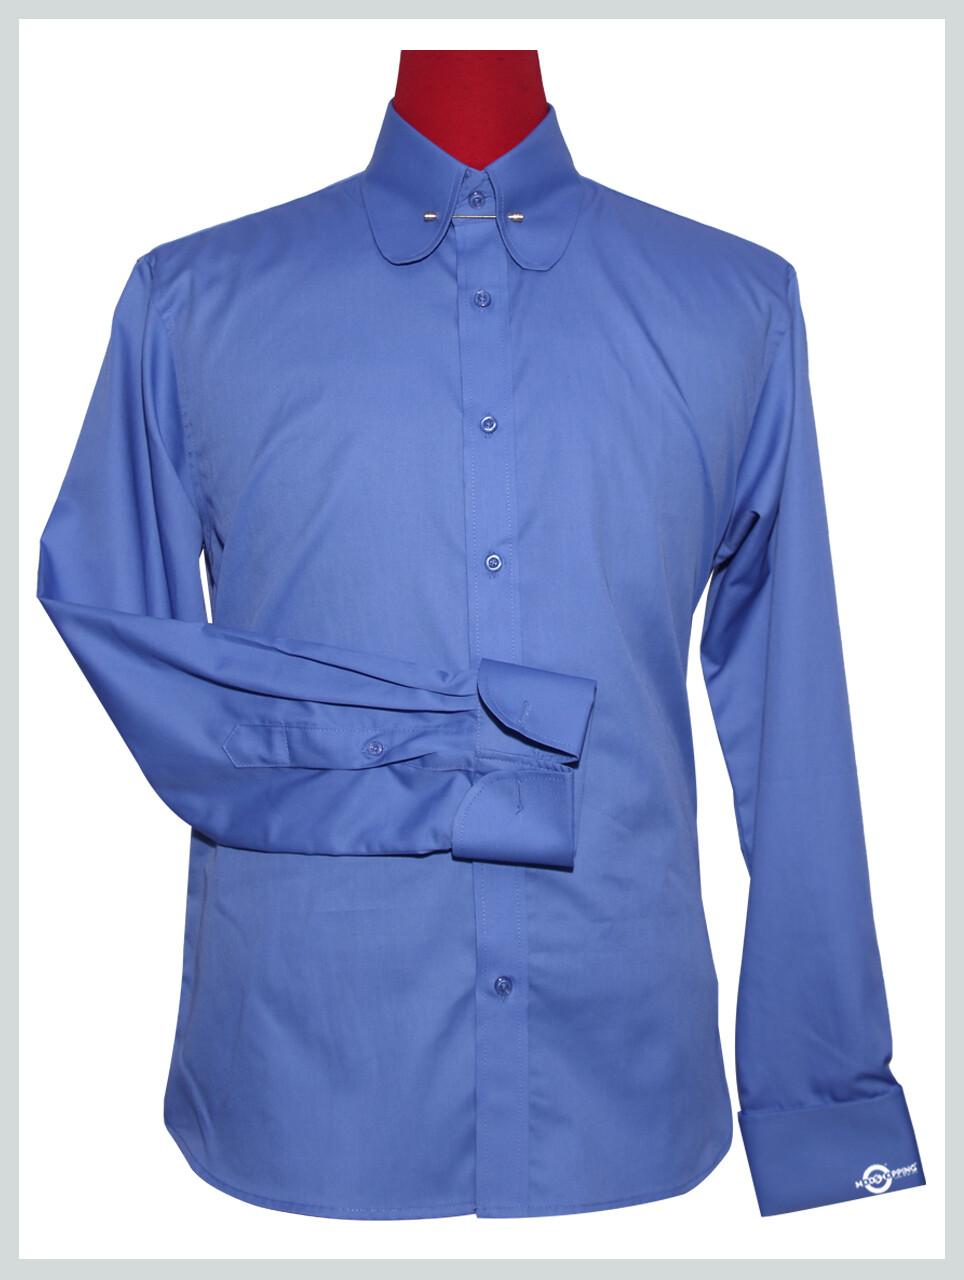 Penny Pin Collar Shirt  Tailor Made Mens Long Sleeve Sky Blue Shirt